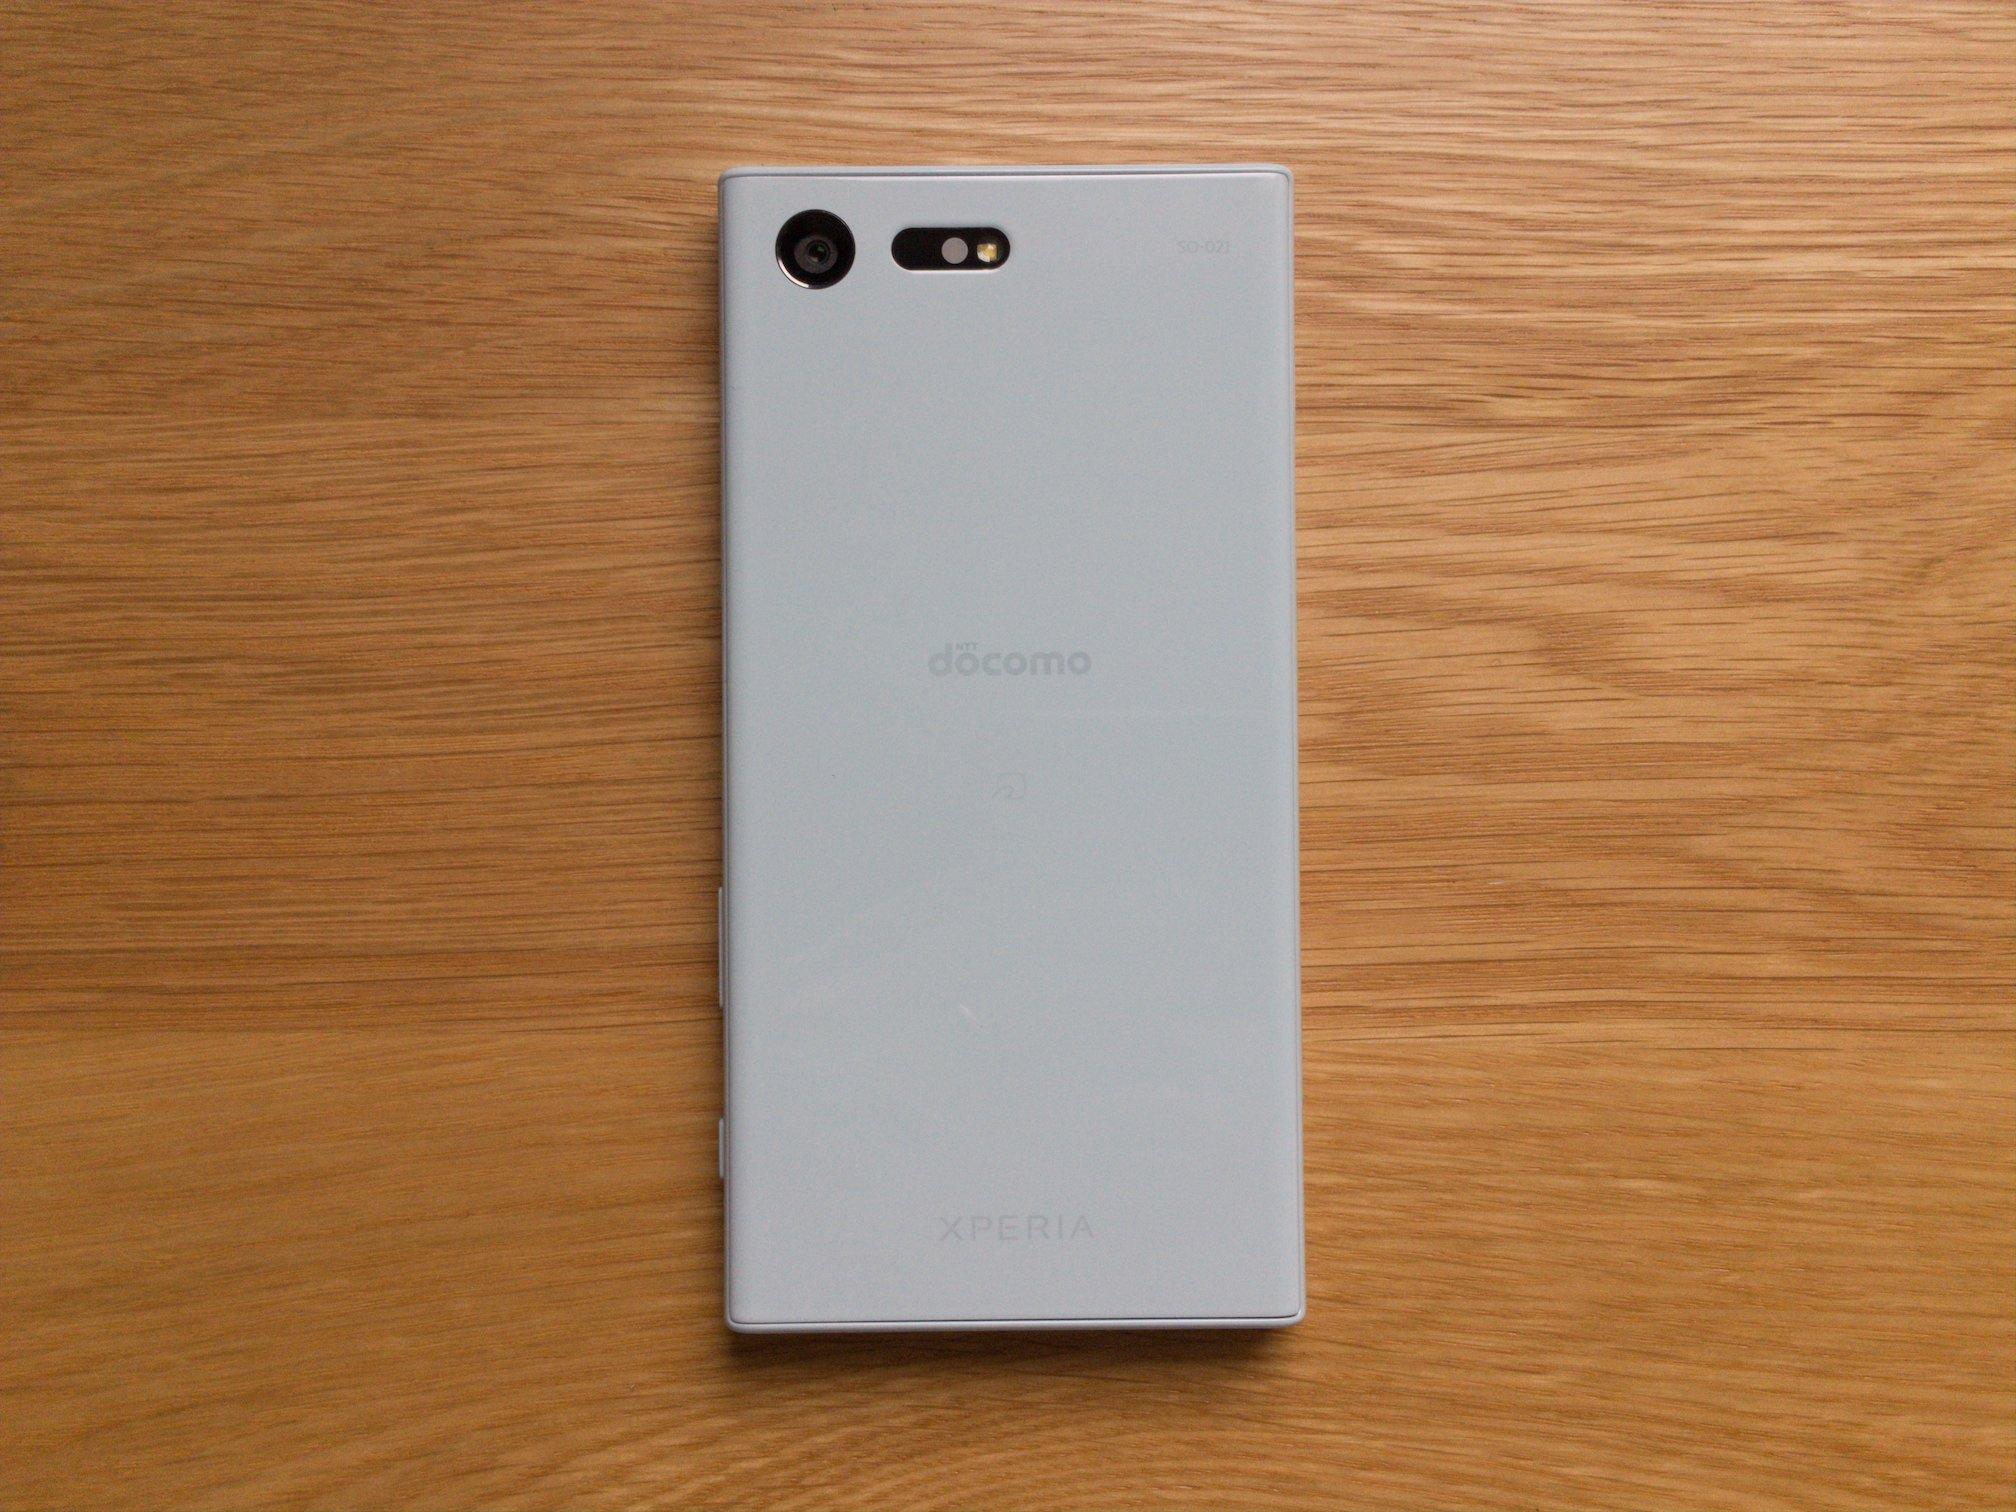 Xperia X Compactを約3ヶ月裸運用した結果